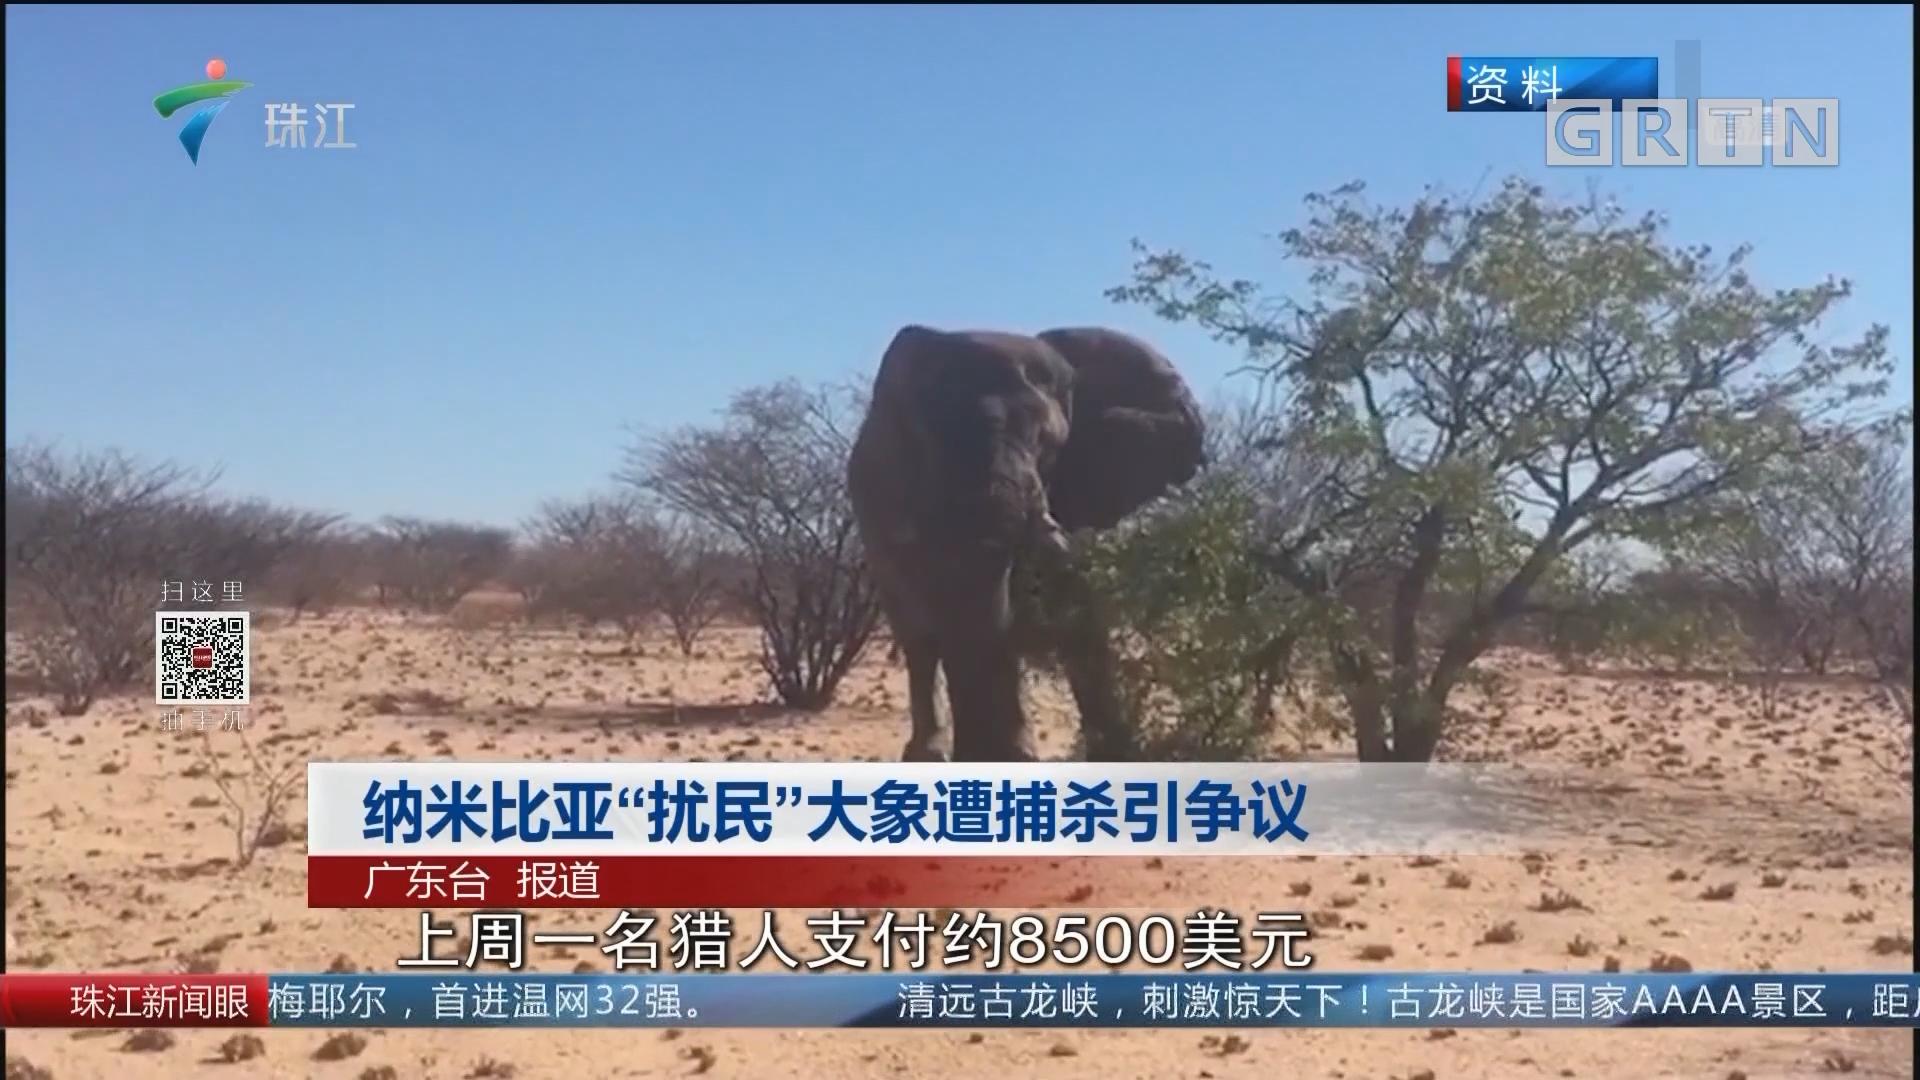 """納米比亞""""擾民""""大象遭捕殺引爭議"""